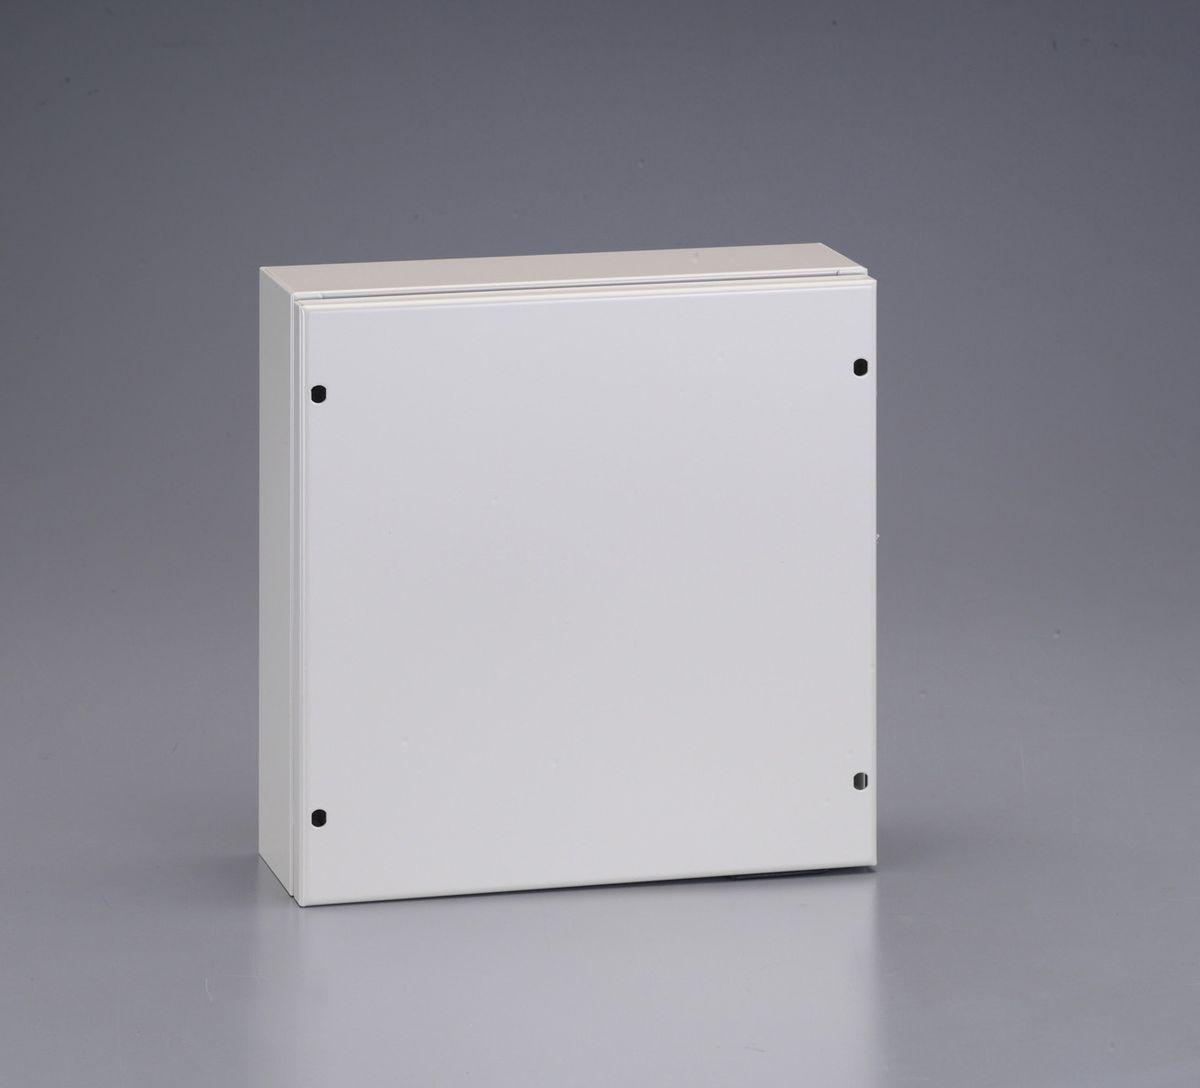 【メーカー在庫あり】 エスコ ESCO 400x160x300mm 盤用キャビネット 屋内用・ネジ止 000012242332 JP店